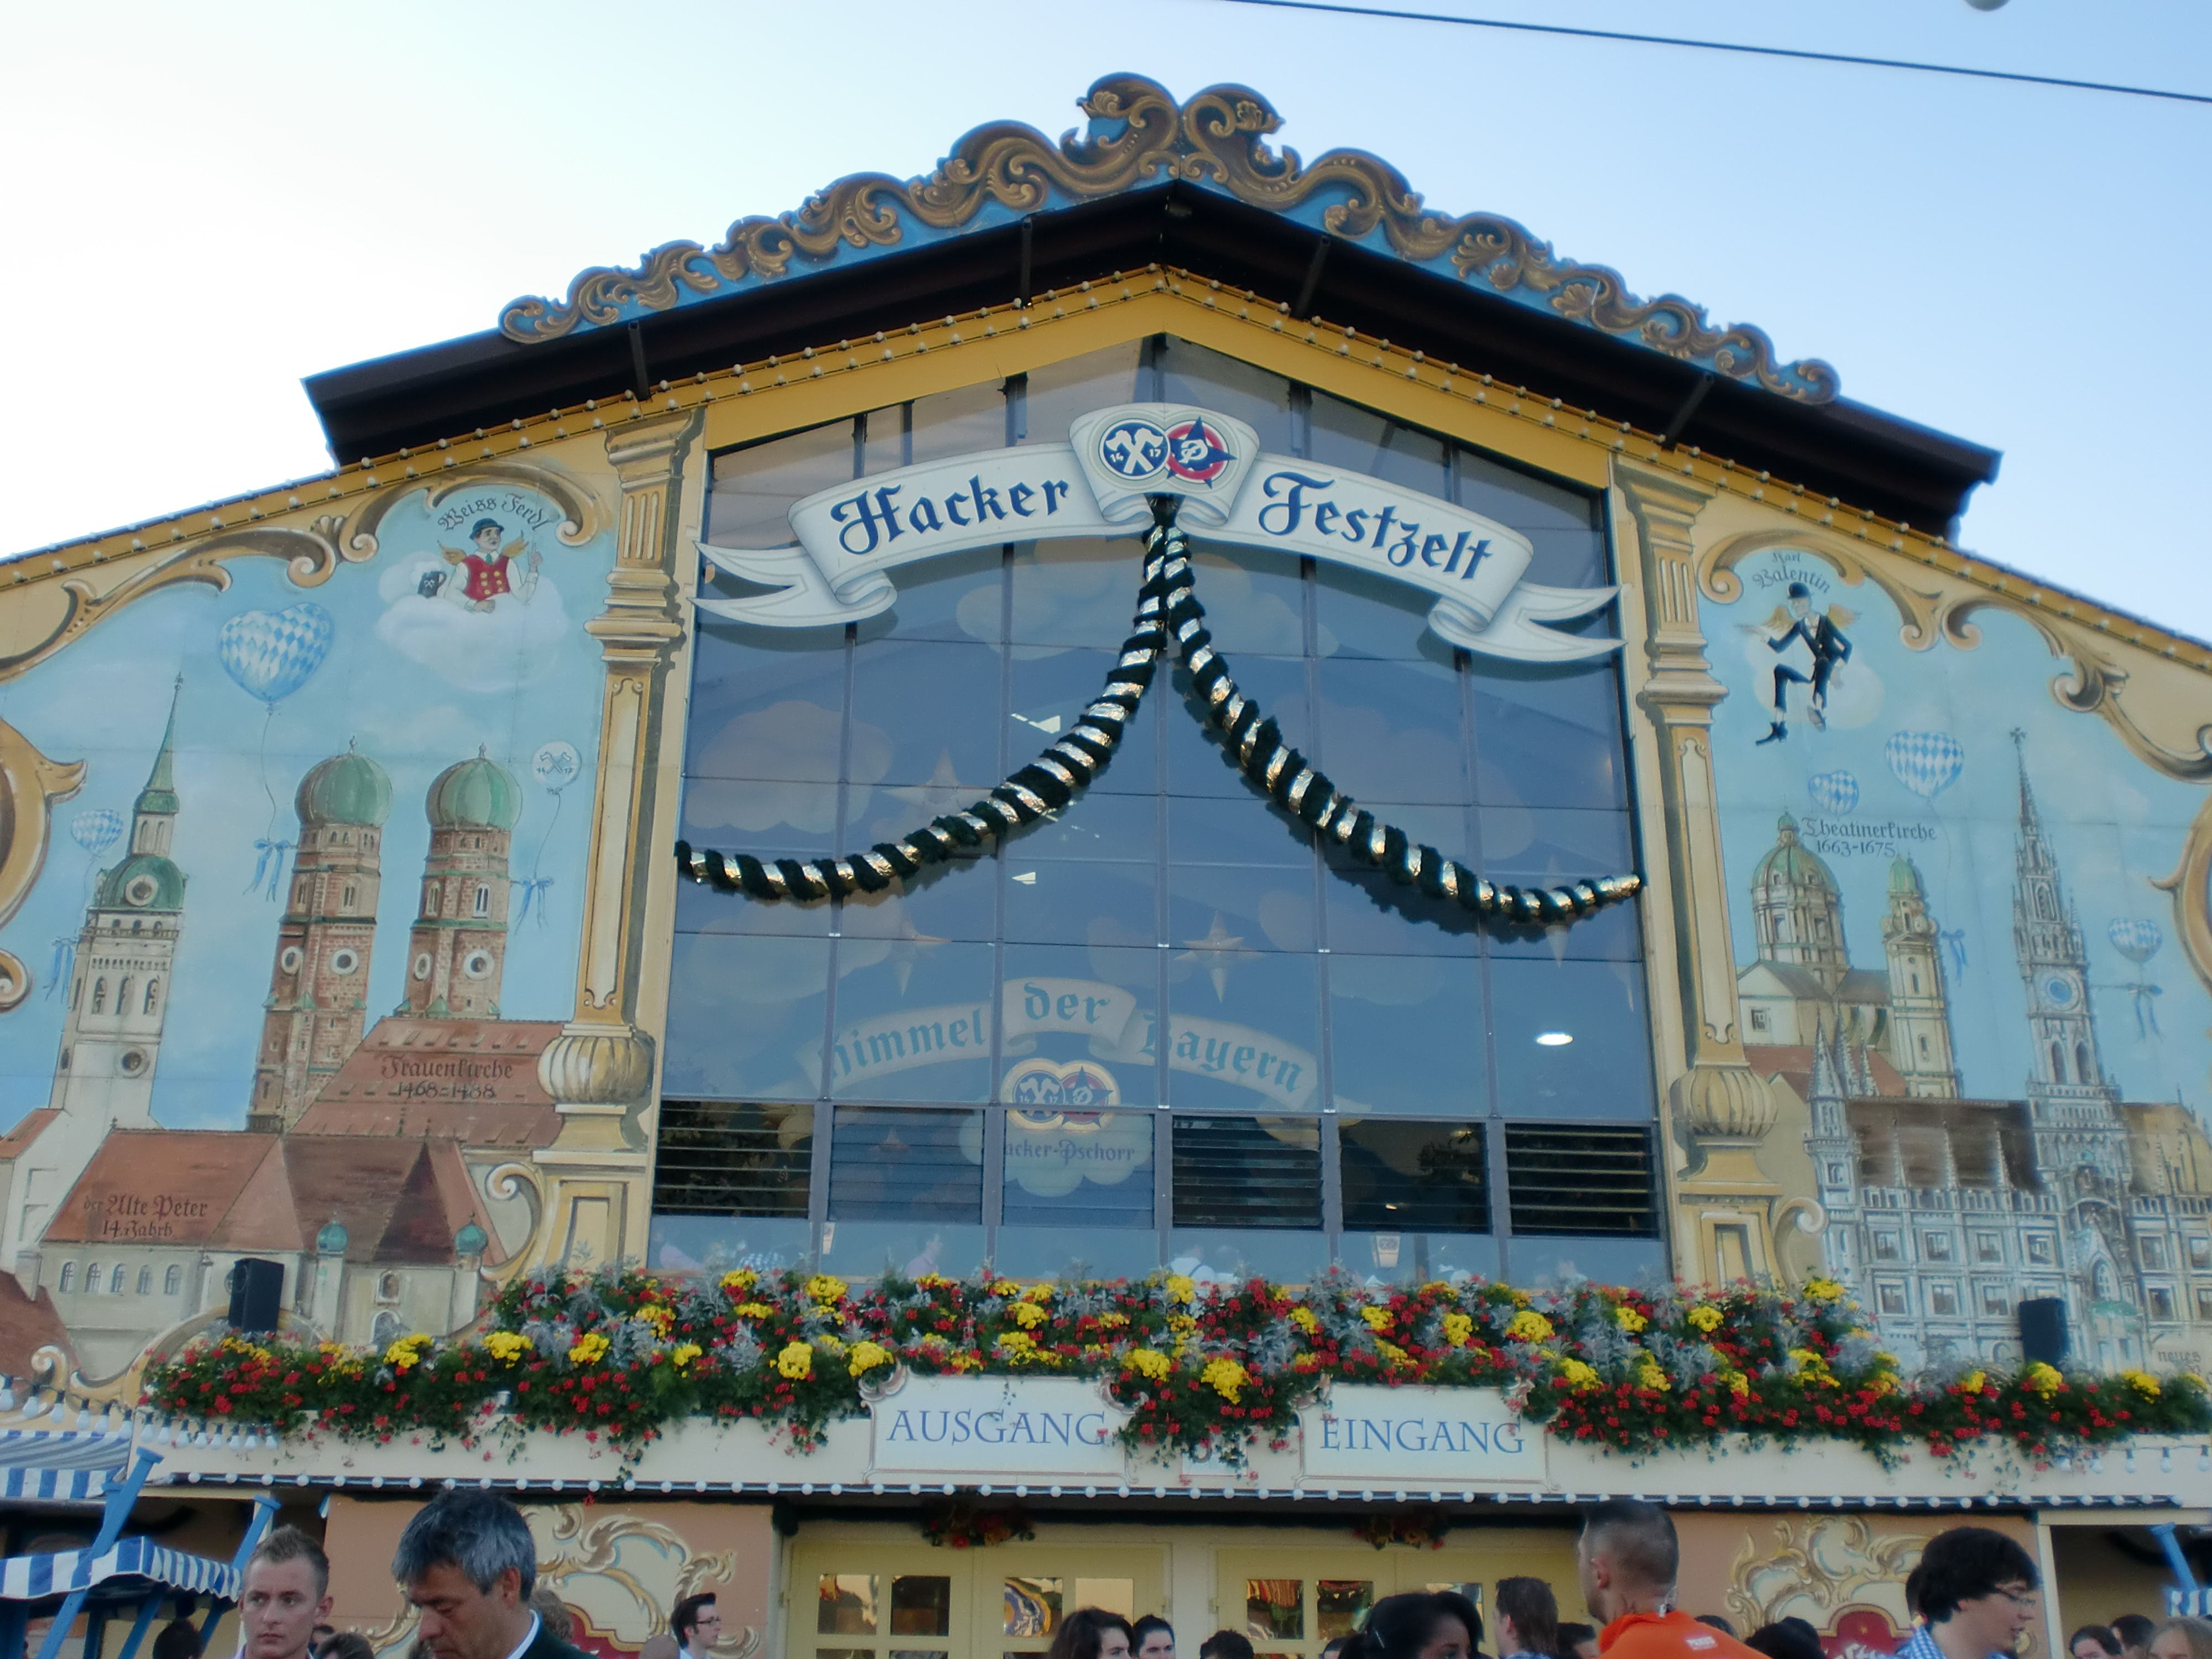 A backpackeru0027s guide to Oktoberfest beer festival in Munich Germany. & Hacker Festzelt | See You in Europe | Pinterest | Munich Beer ...